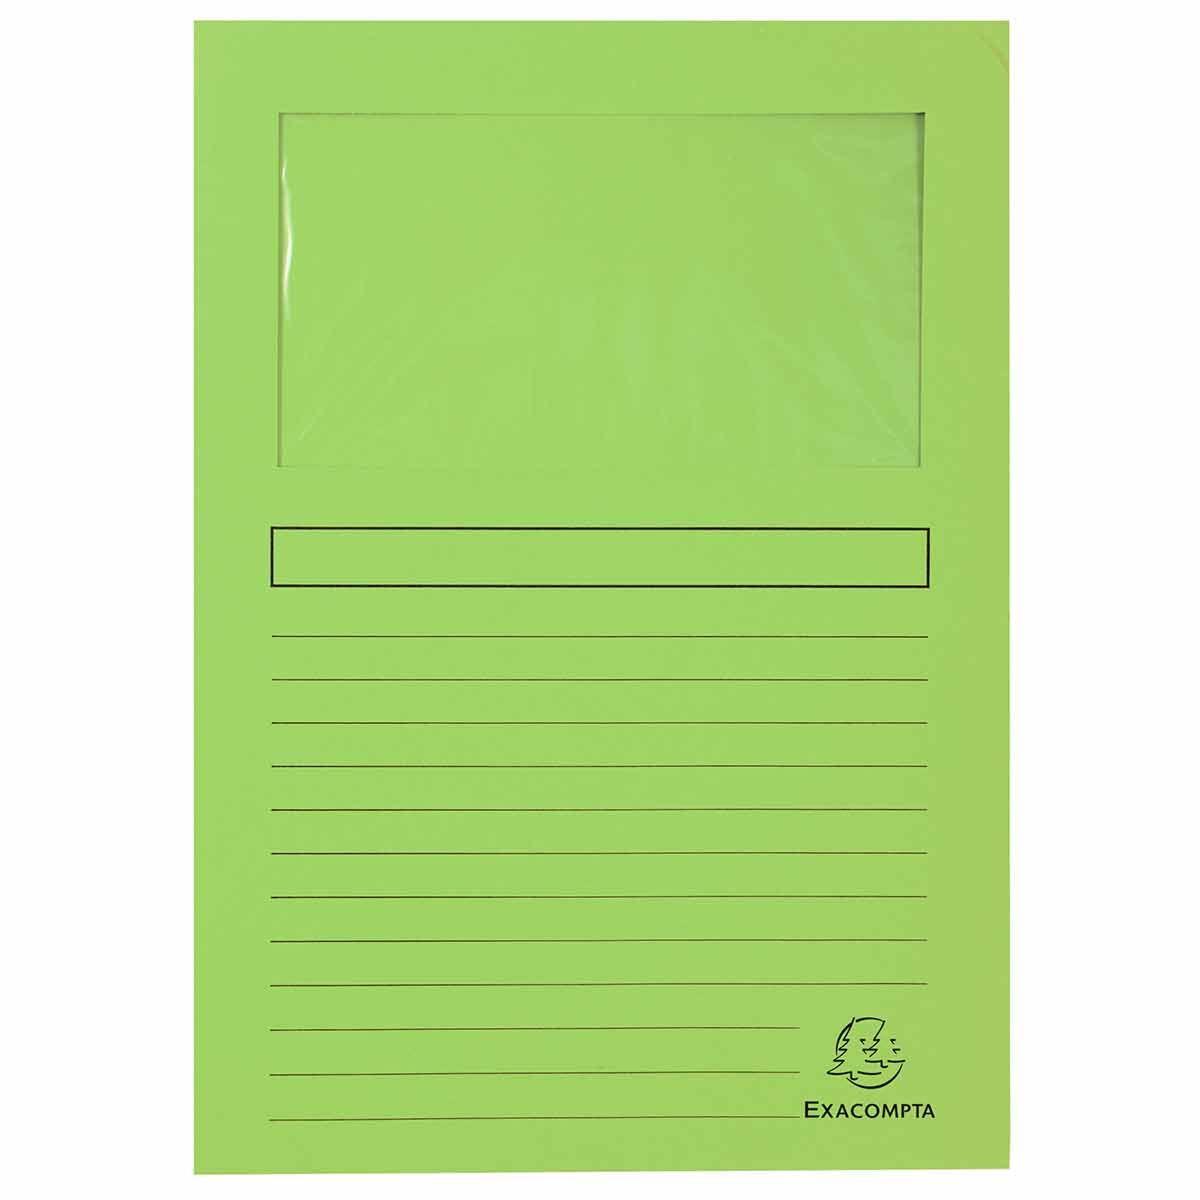 Exacompta Forever Window Folder Pack of 25 Light Green